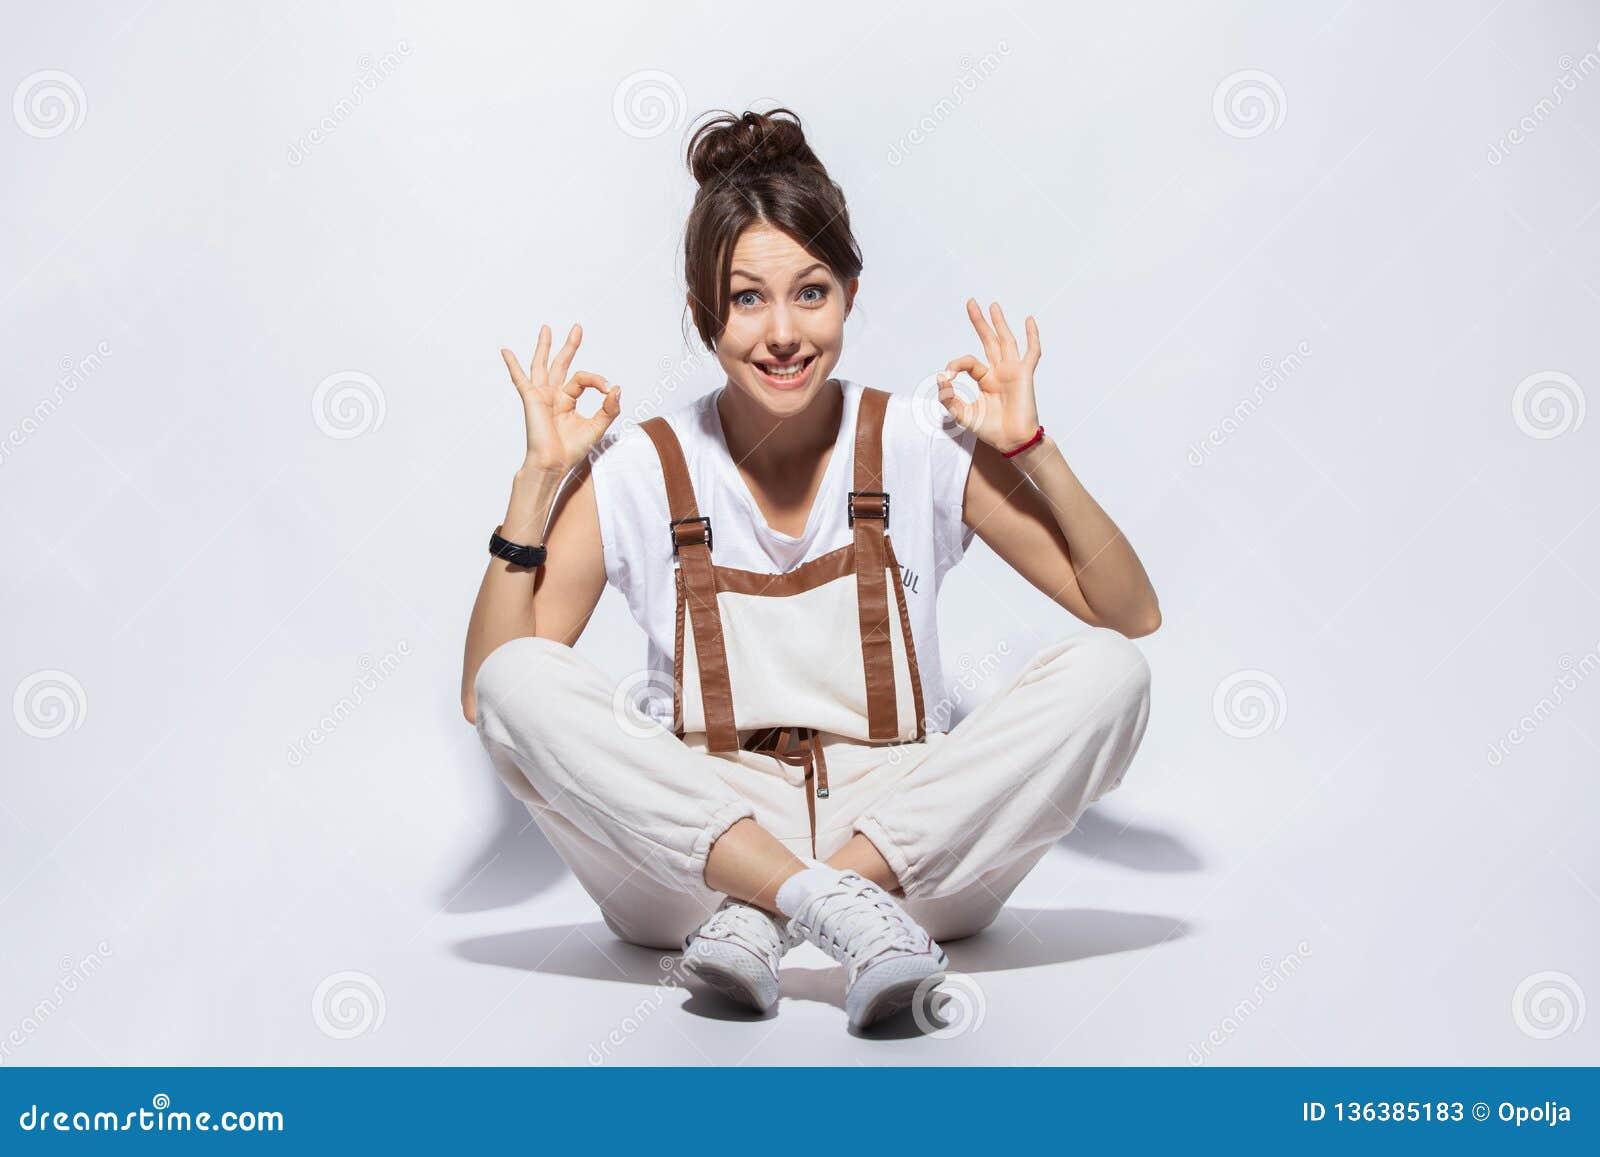 Mooie jonge vrouwenzitting op de vloer, het glimlachen positief, doend o.k. teken met hand en vingers Succesvolle uitdrukking